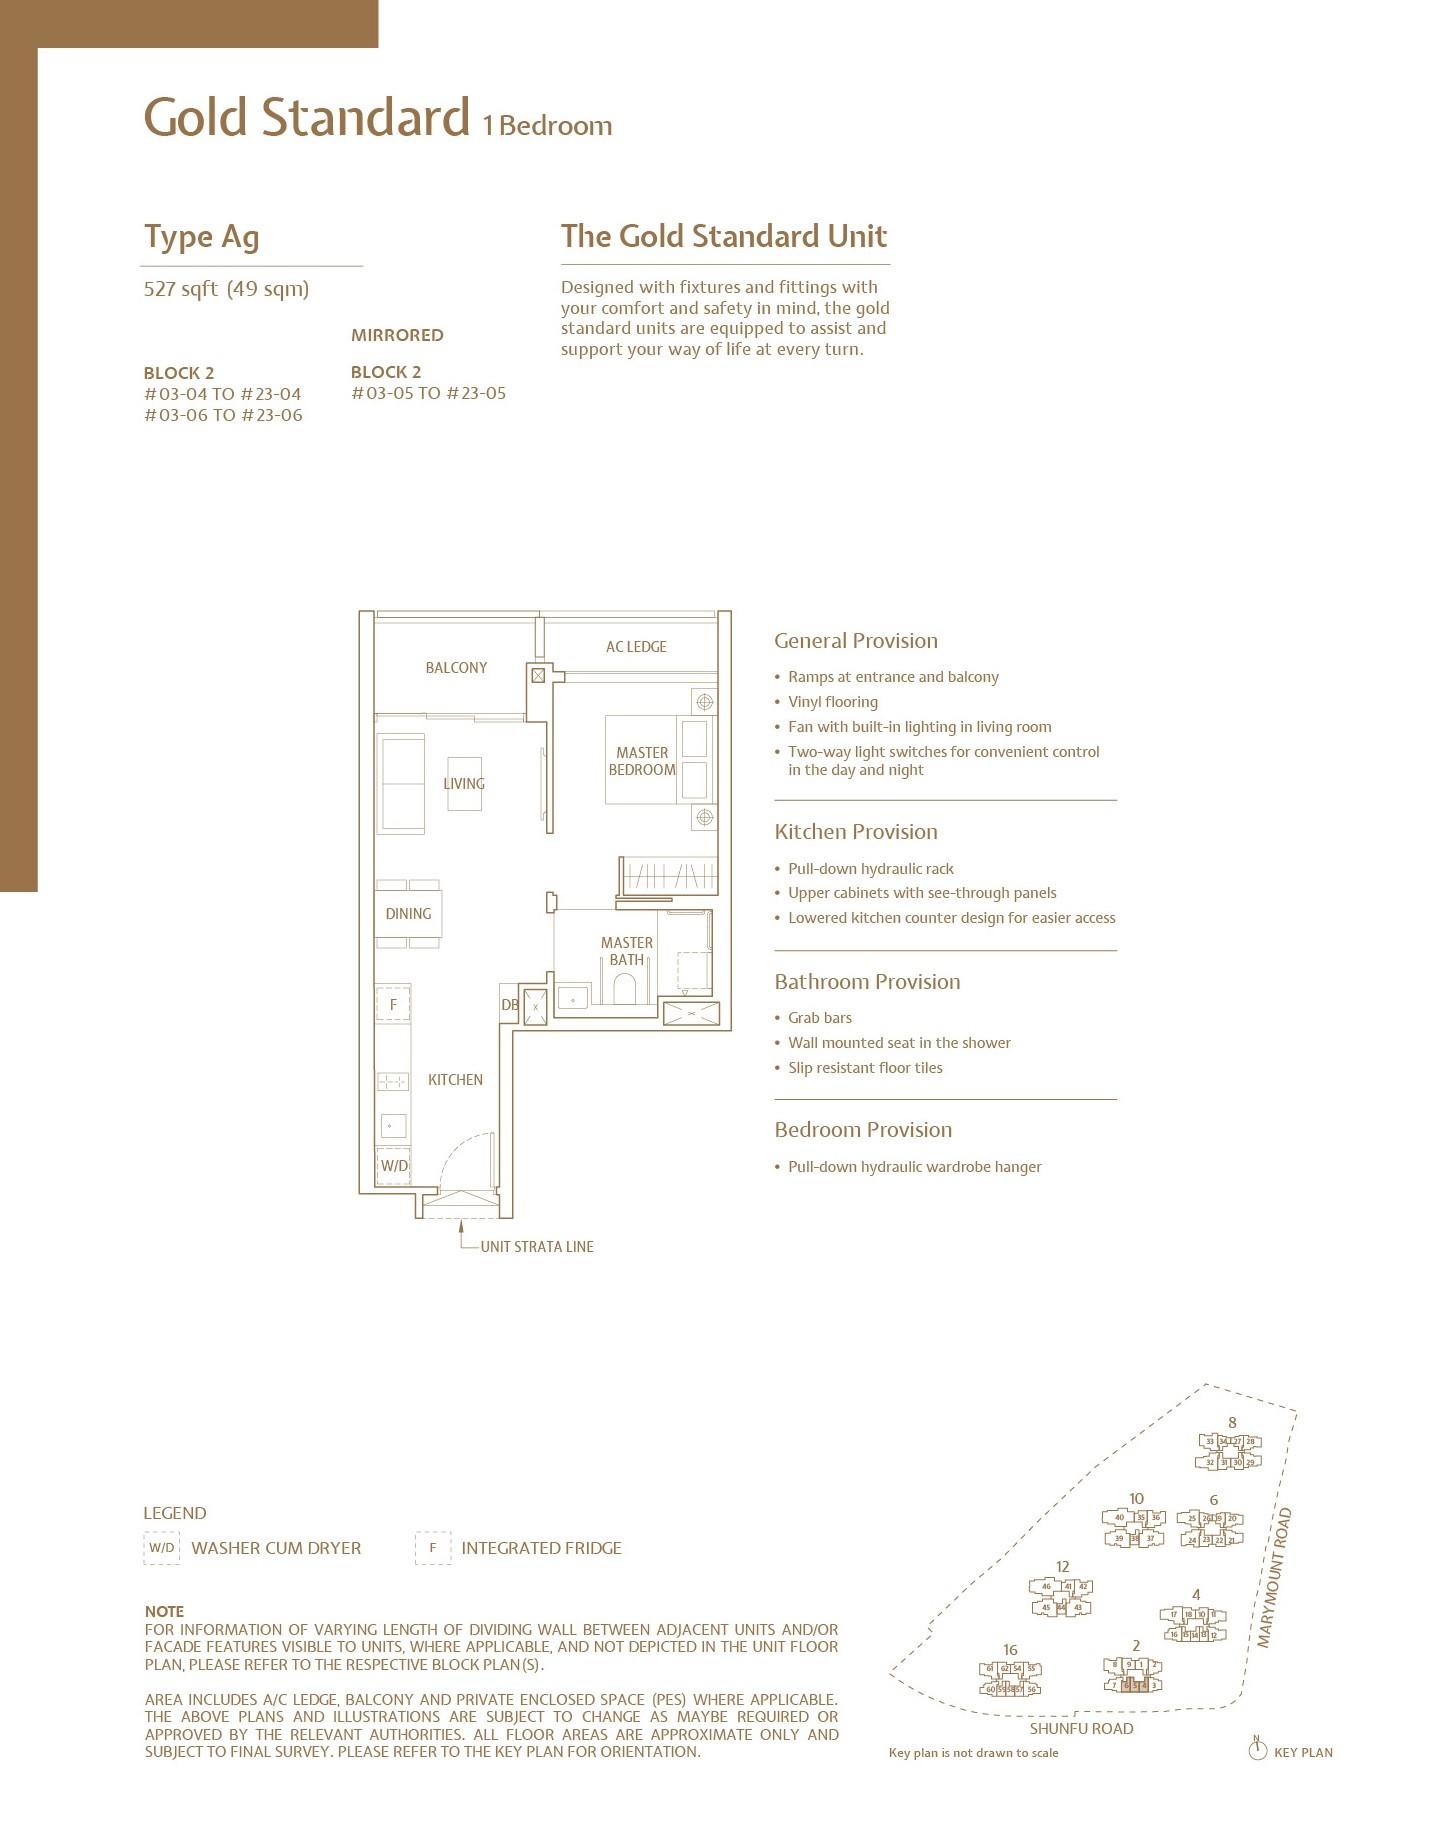 jadescape-floorplan-1br-goldstandard